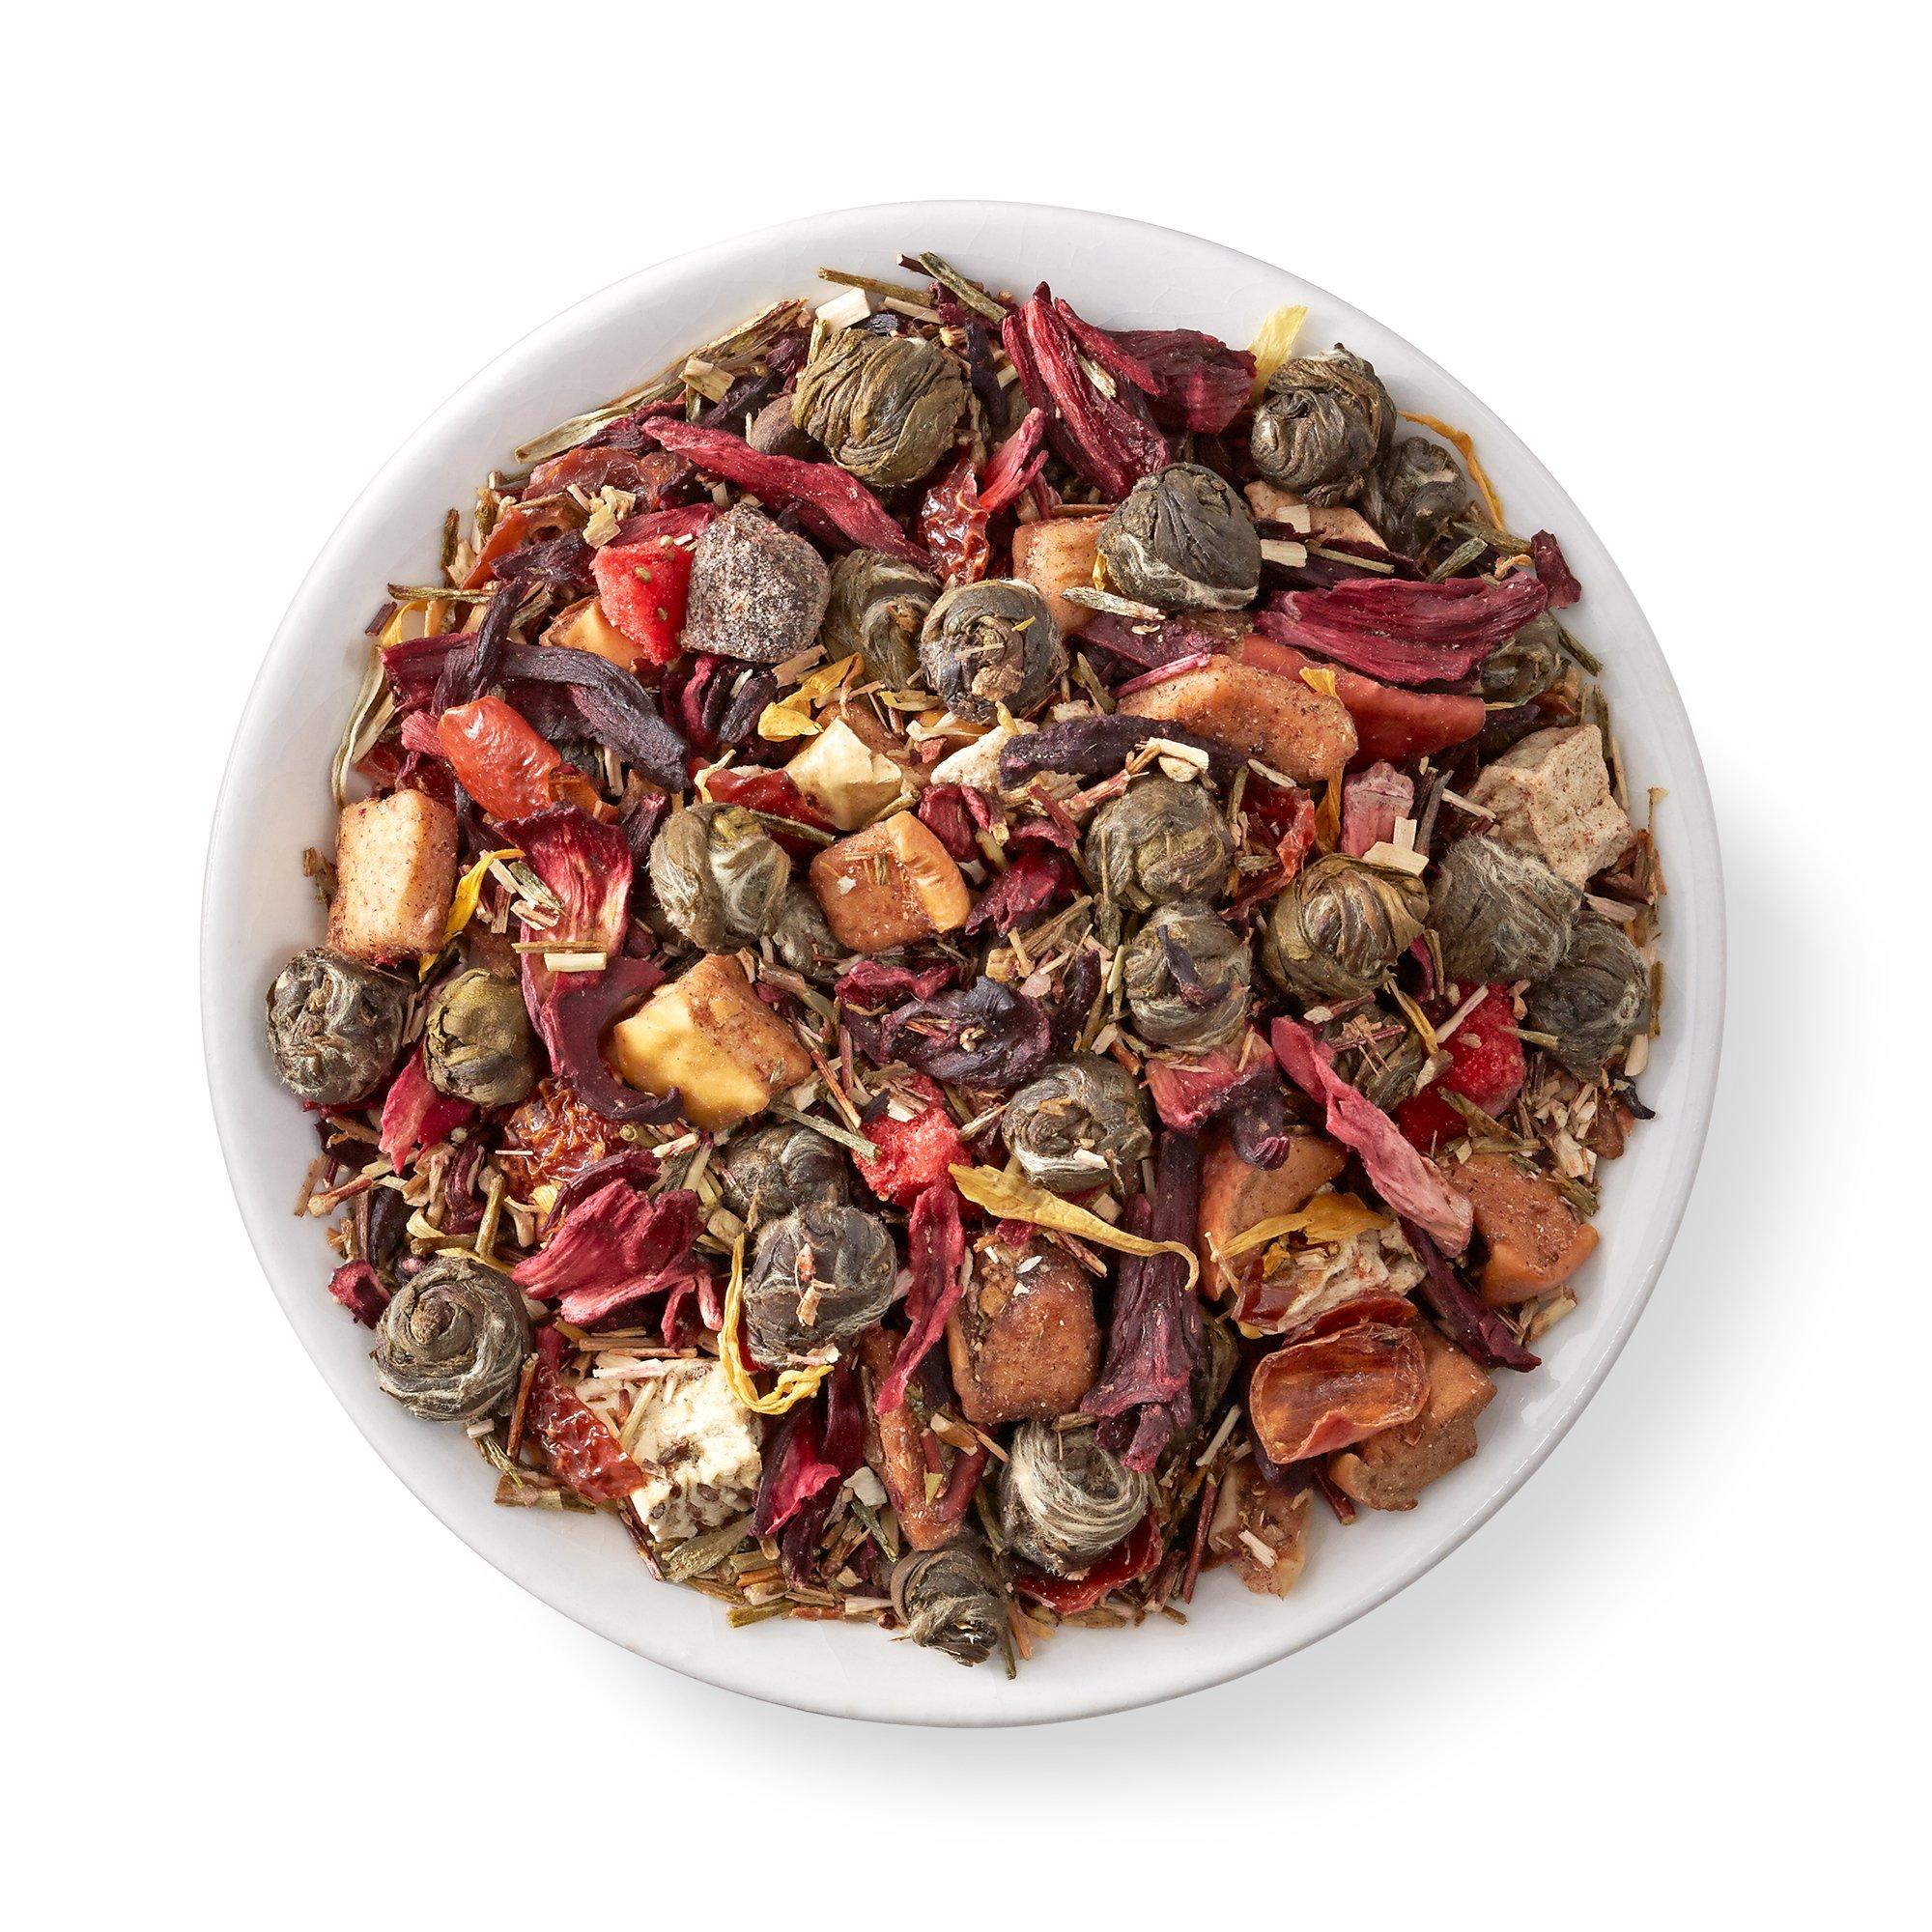 Peachberry Jasmine Sutra Green Tea by Teavana